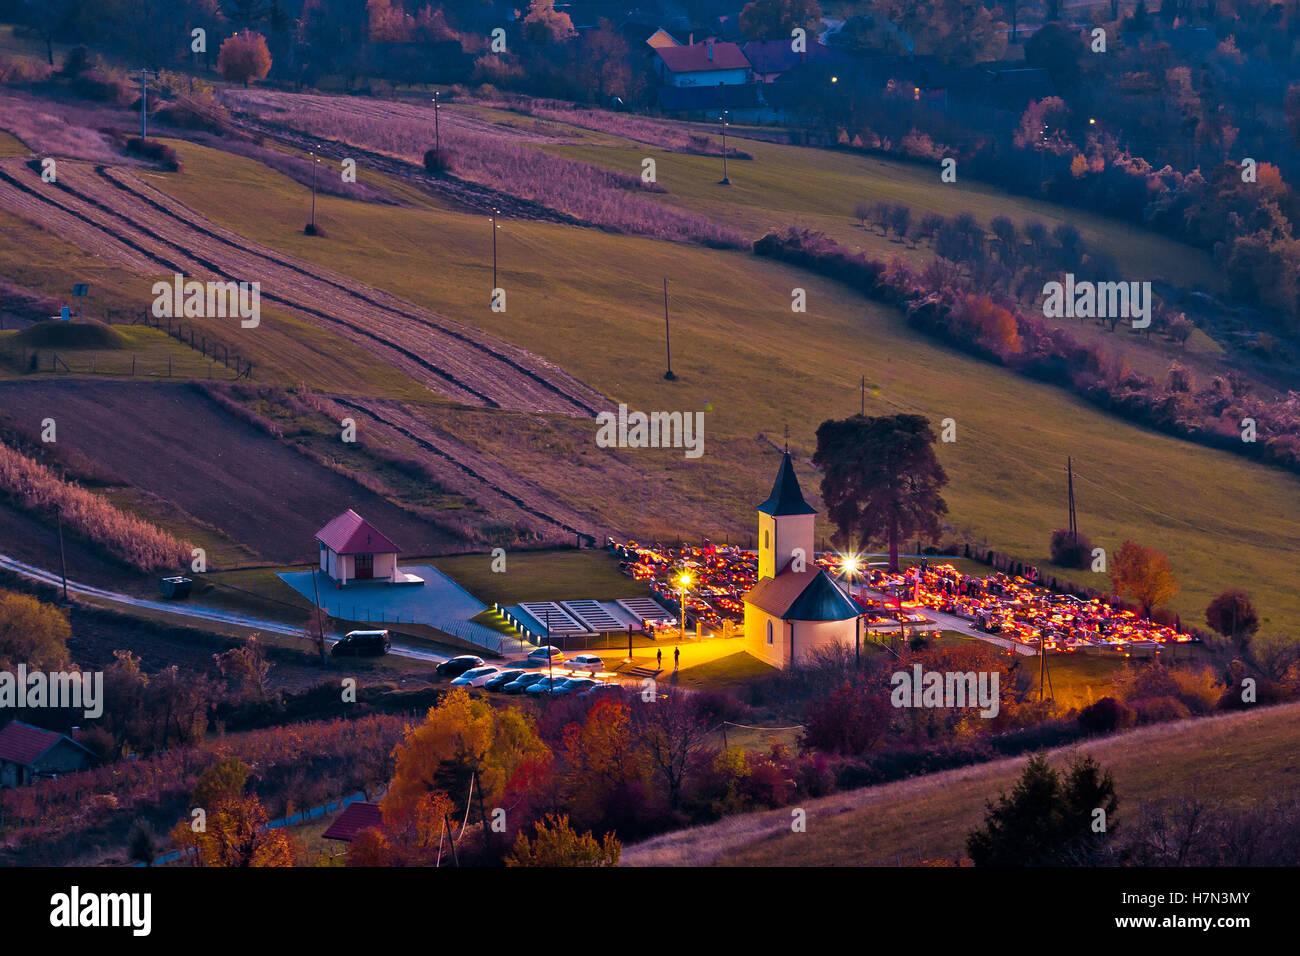 Idyllische Kirche und Friedhof Abend Blick von oben, Prigorje Region in Kroatien Stockbild